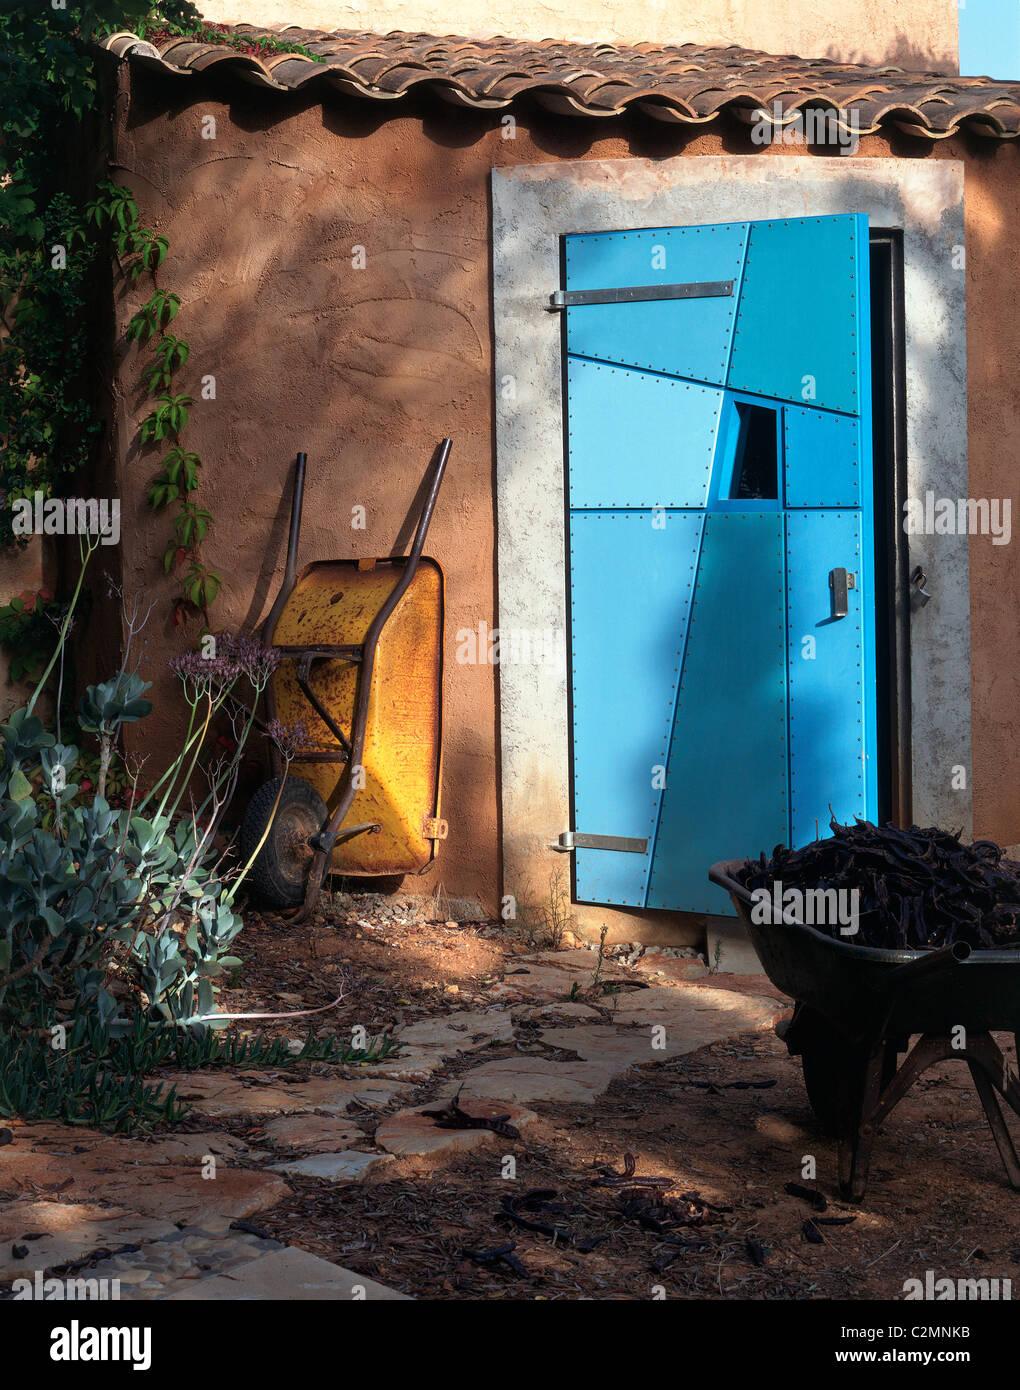 Gelbe Schubkarre außerhalb schrulligen blau Patchwork Schuppen Tür Stockbild